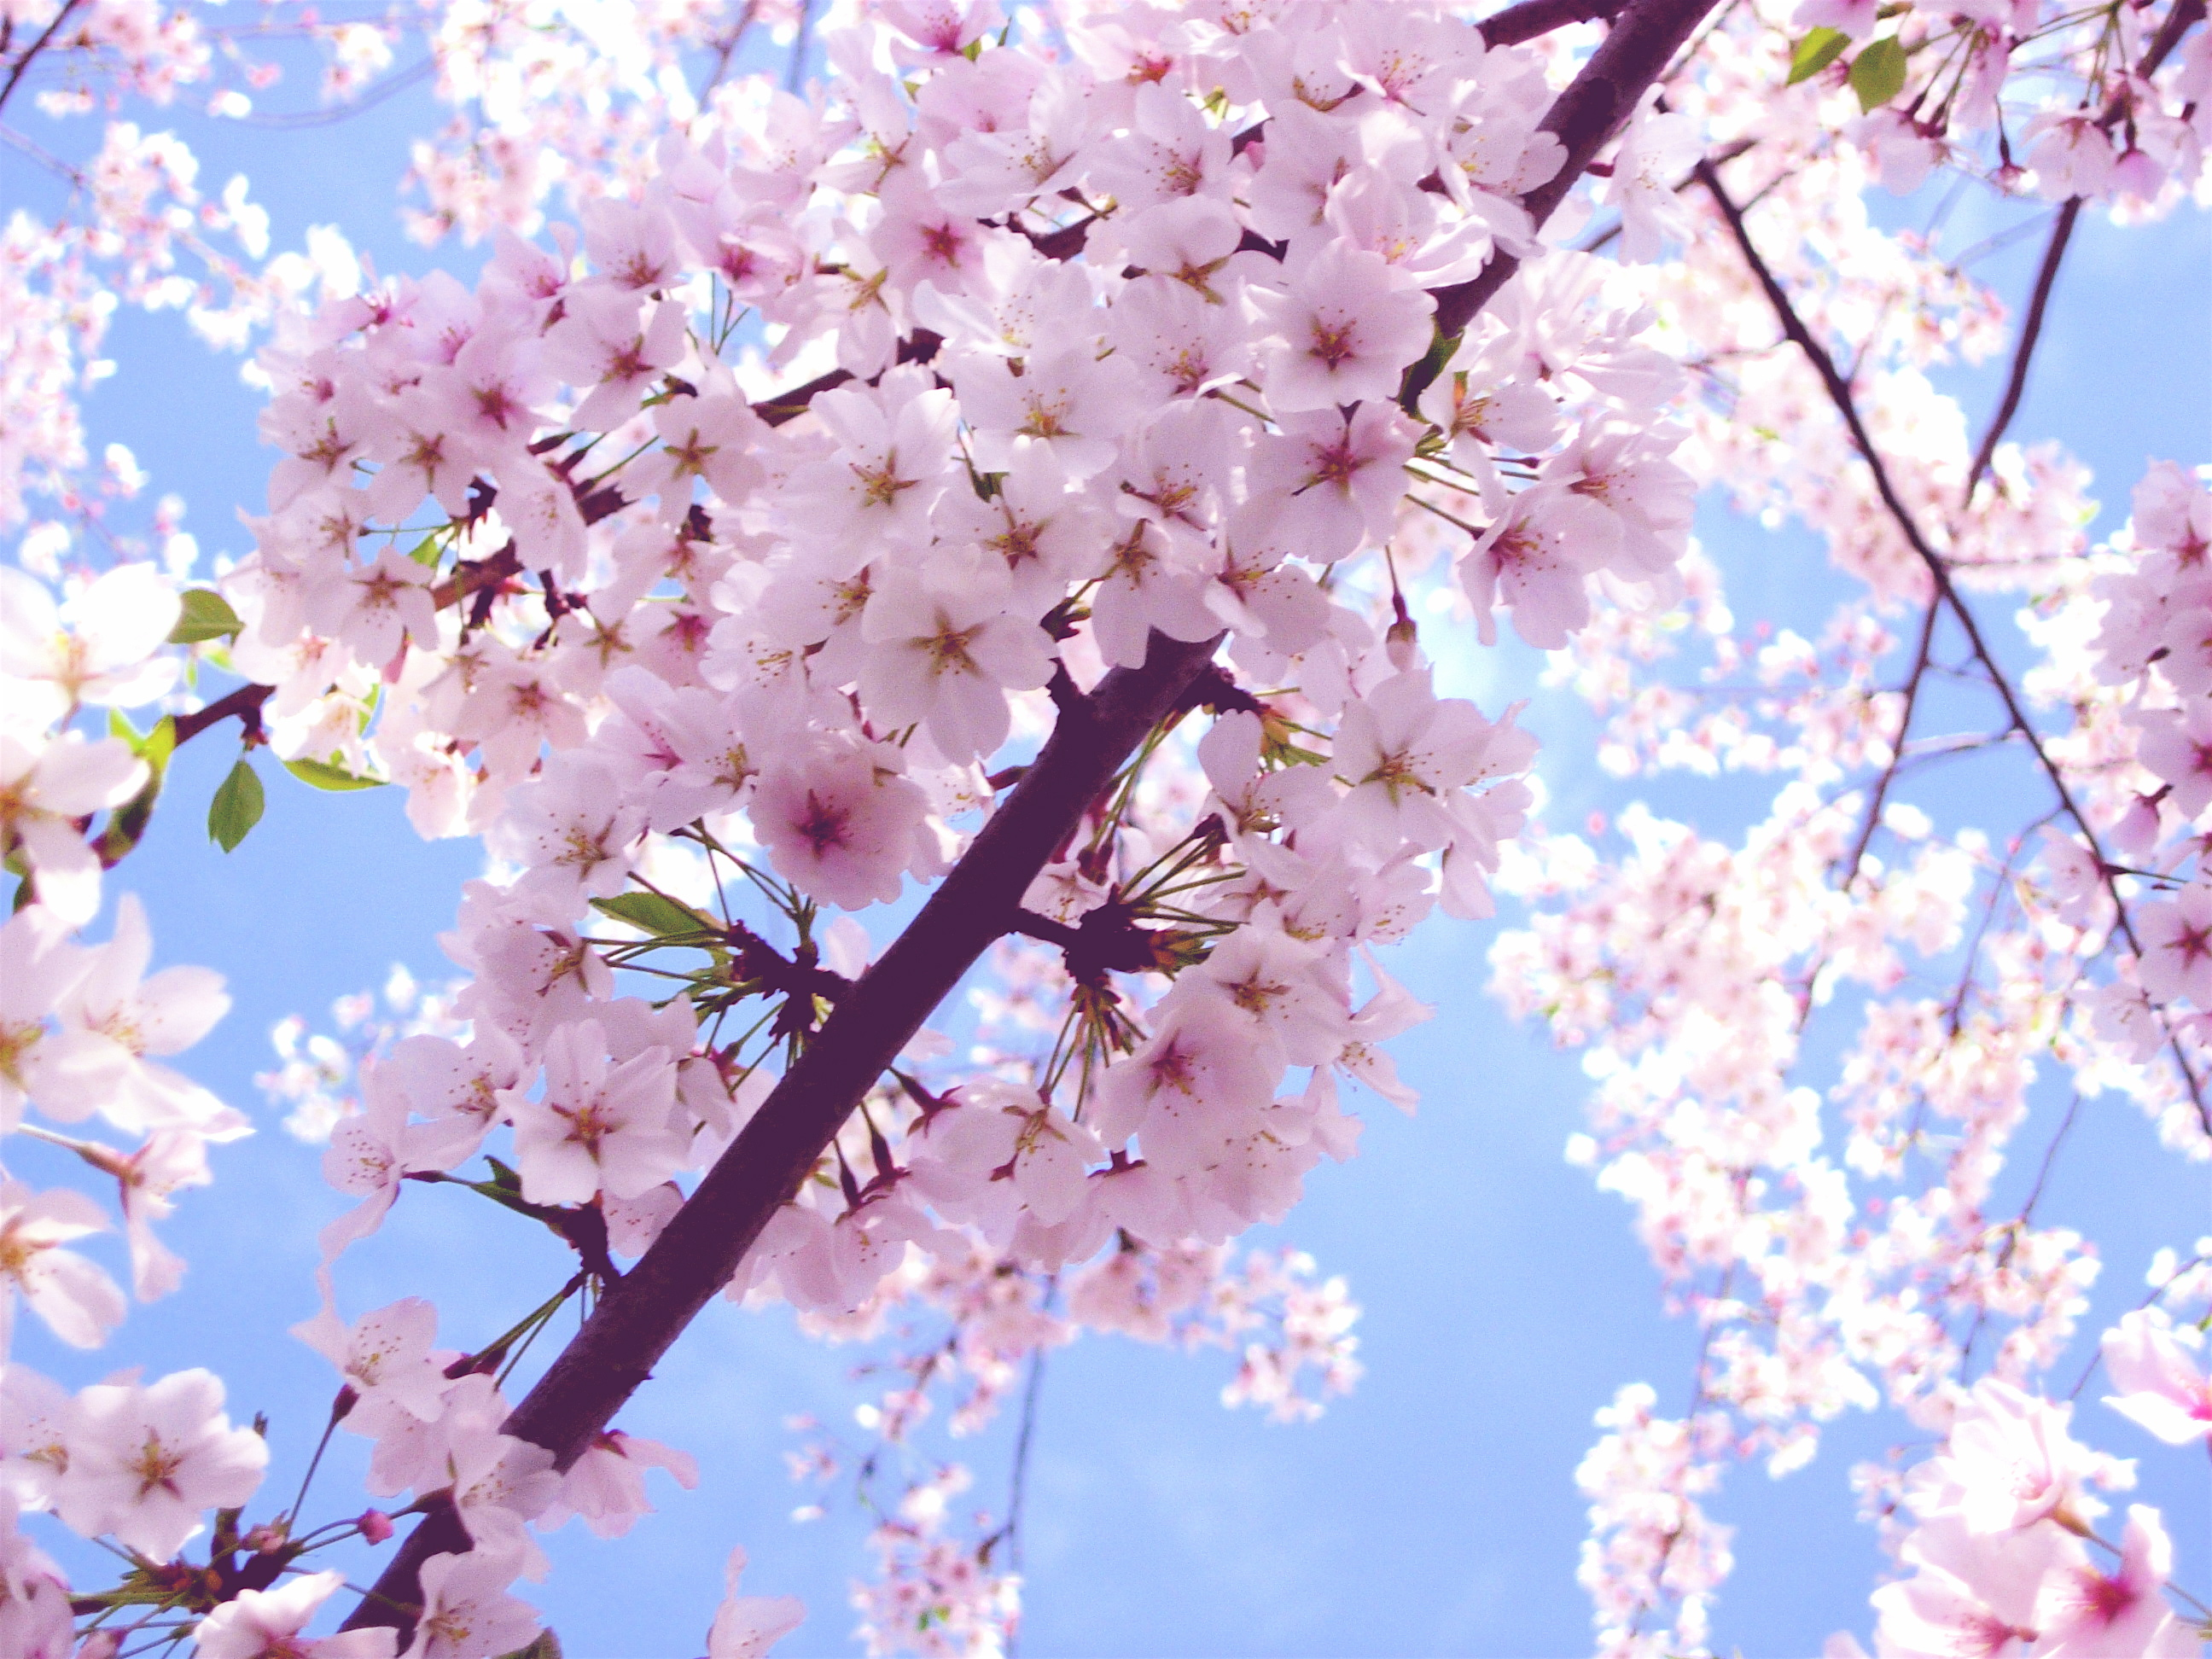 Ảnh hoa Anh đào Nhật Bản đẹp nhất